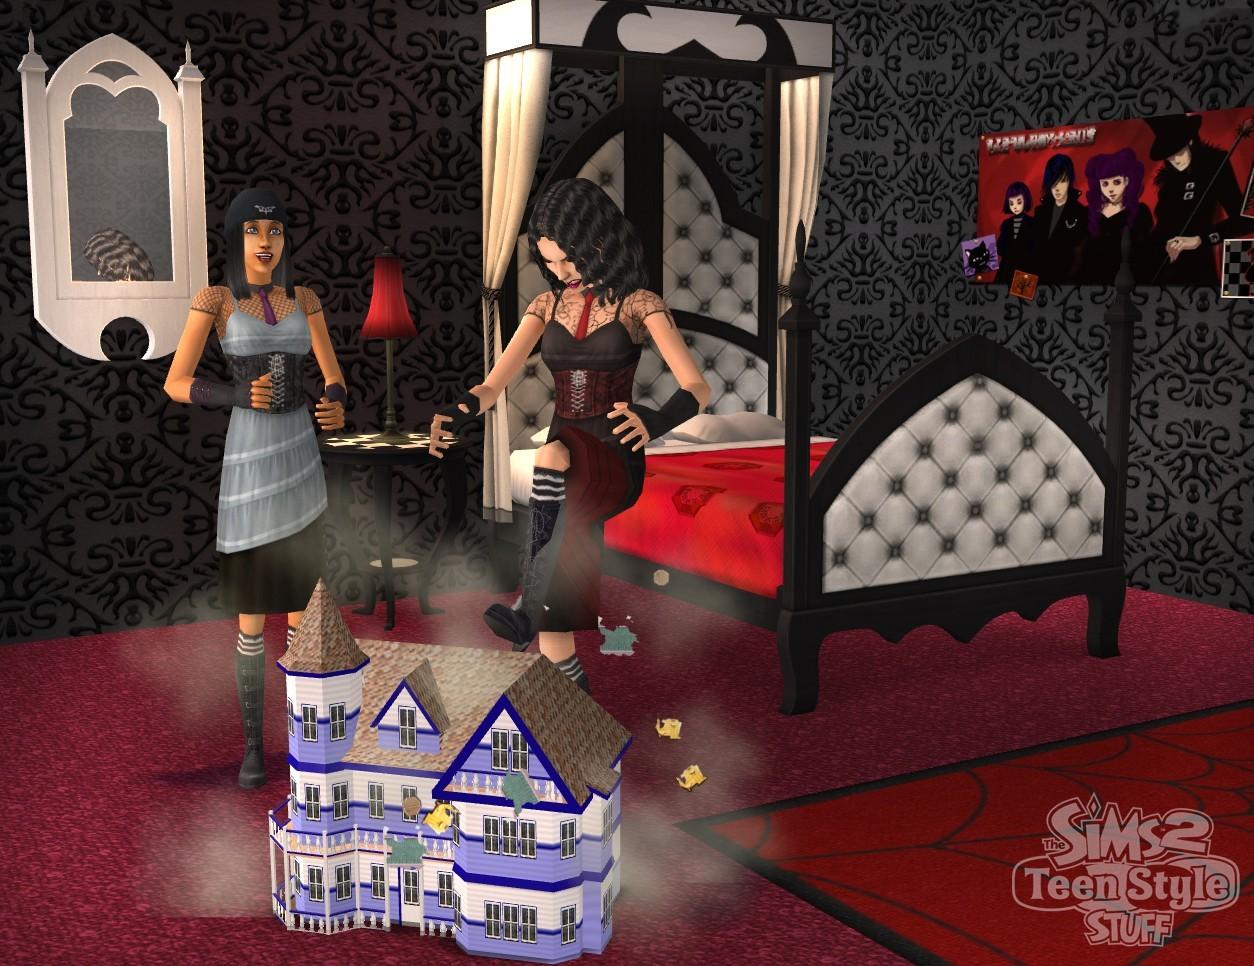 images les sims 2 kit tout pour les ados. Black Bedroom Furniture Sets. Home Design Ideas